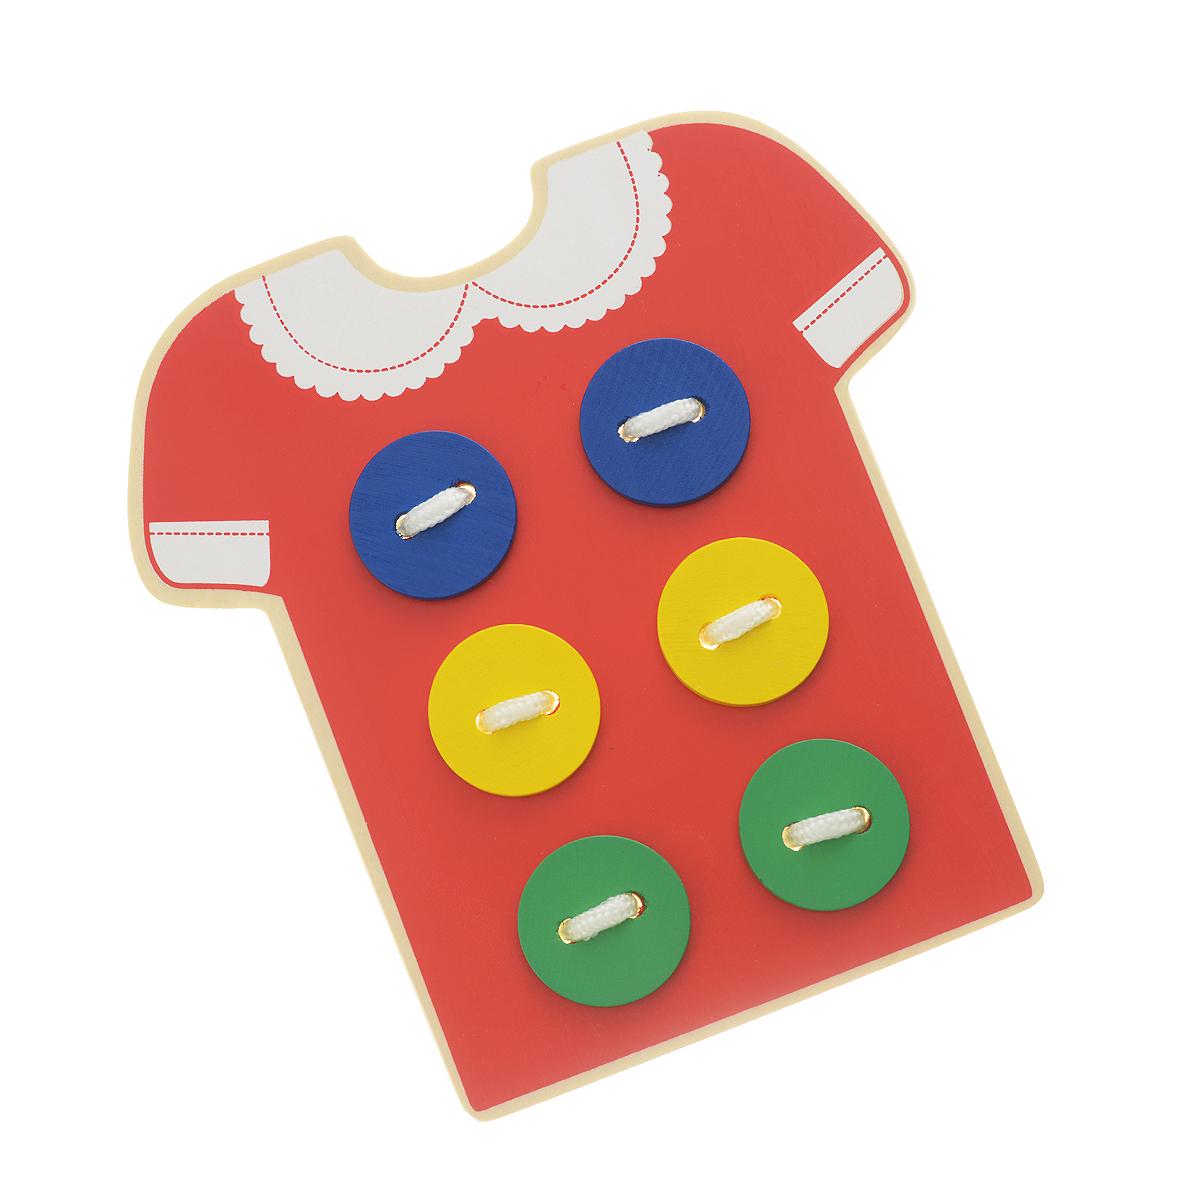 Игра-шнуровка Bondibon ПлатьеВВ1088Игра-шнуровка Bondibon Платье состоит из деревянной основы в виде платья и текстильного шнурка. Одним из самых эффективных способов развития мелкой моторики являются игры-шнуровки. При выполнении узоров обращайте внимание ребенка на количество линий в рисунке, на размер линий (длинная, короче, самая короткая), на их направление (горизонтально, вертикально или по диагонали) и на их расположение на поле (справа, слева, вверху, внизу). Познакомьте ребенка с понятием симметрия, сделав несколько симметричных рисунков или узоров. Расскажите ребенку о простейших геометрических фигурах, изображая их шнурками: прямая, отрезок, ломаная линия, угол, треугольник, квадрат, прямоугольник, многоугольник. Кроме этого, используя данную игру, вы можете познакомить малыша с различными типами швов, научить пришивать пуговицы. Игра-шнуровка Bondibon Платье - это не просто игрушка, а довольно универсальное приспособление по развитию мелкой моторики,...